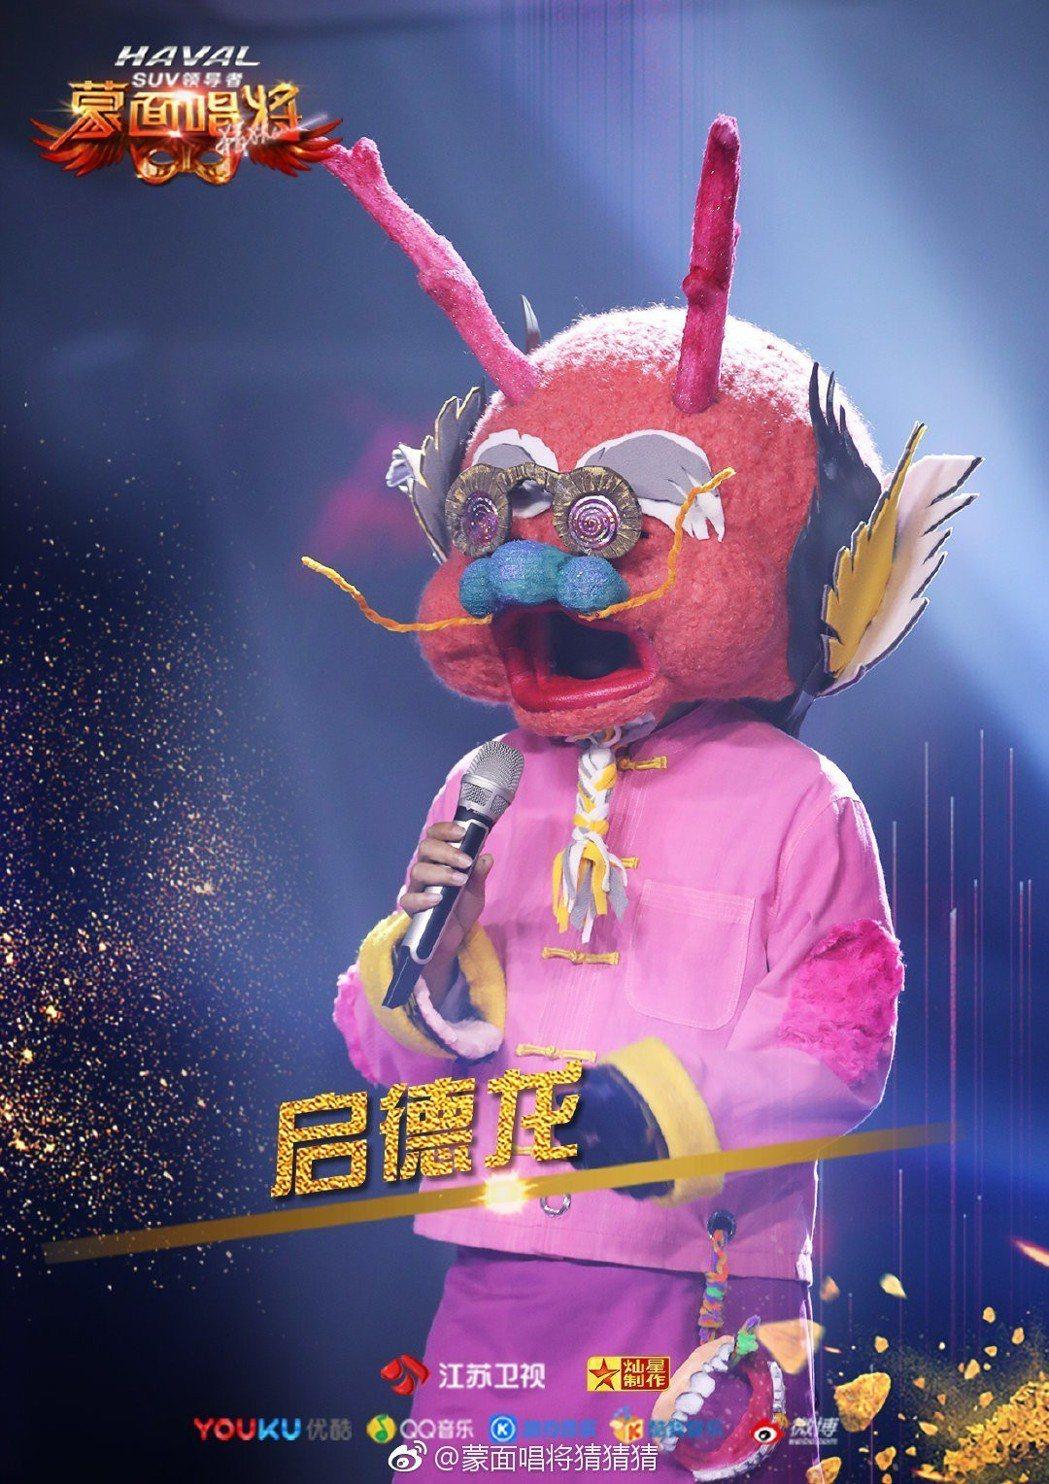 吳宗憲登上大陸綜藝節目《蒙面唱將猜猜猜》。 圖/擷自蒙面唱將猜猜猜微博